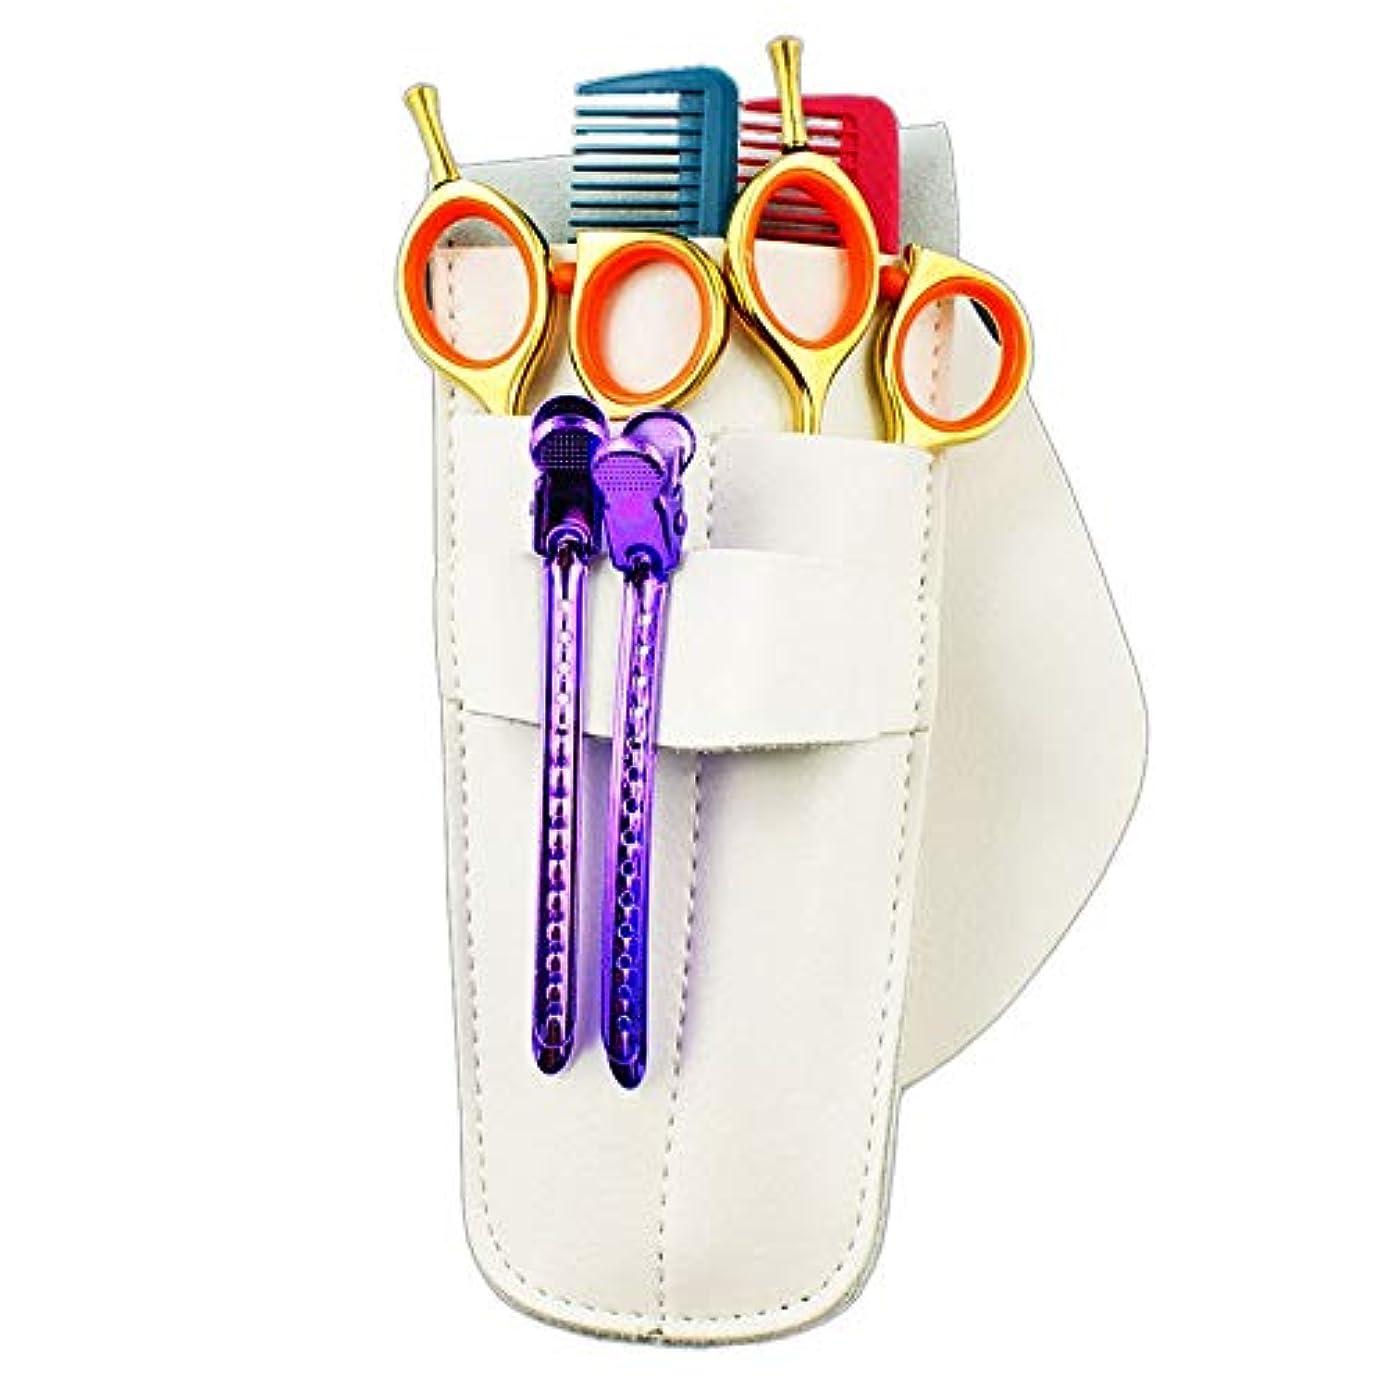 代理人パラナ川いわゆるBeaty Tool Storagerレザーヘアスタイリストホルスターポーチ理髪はさみくしクリップバッグ ヘアケア (色 : ホワイト)